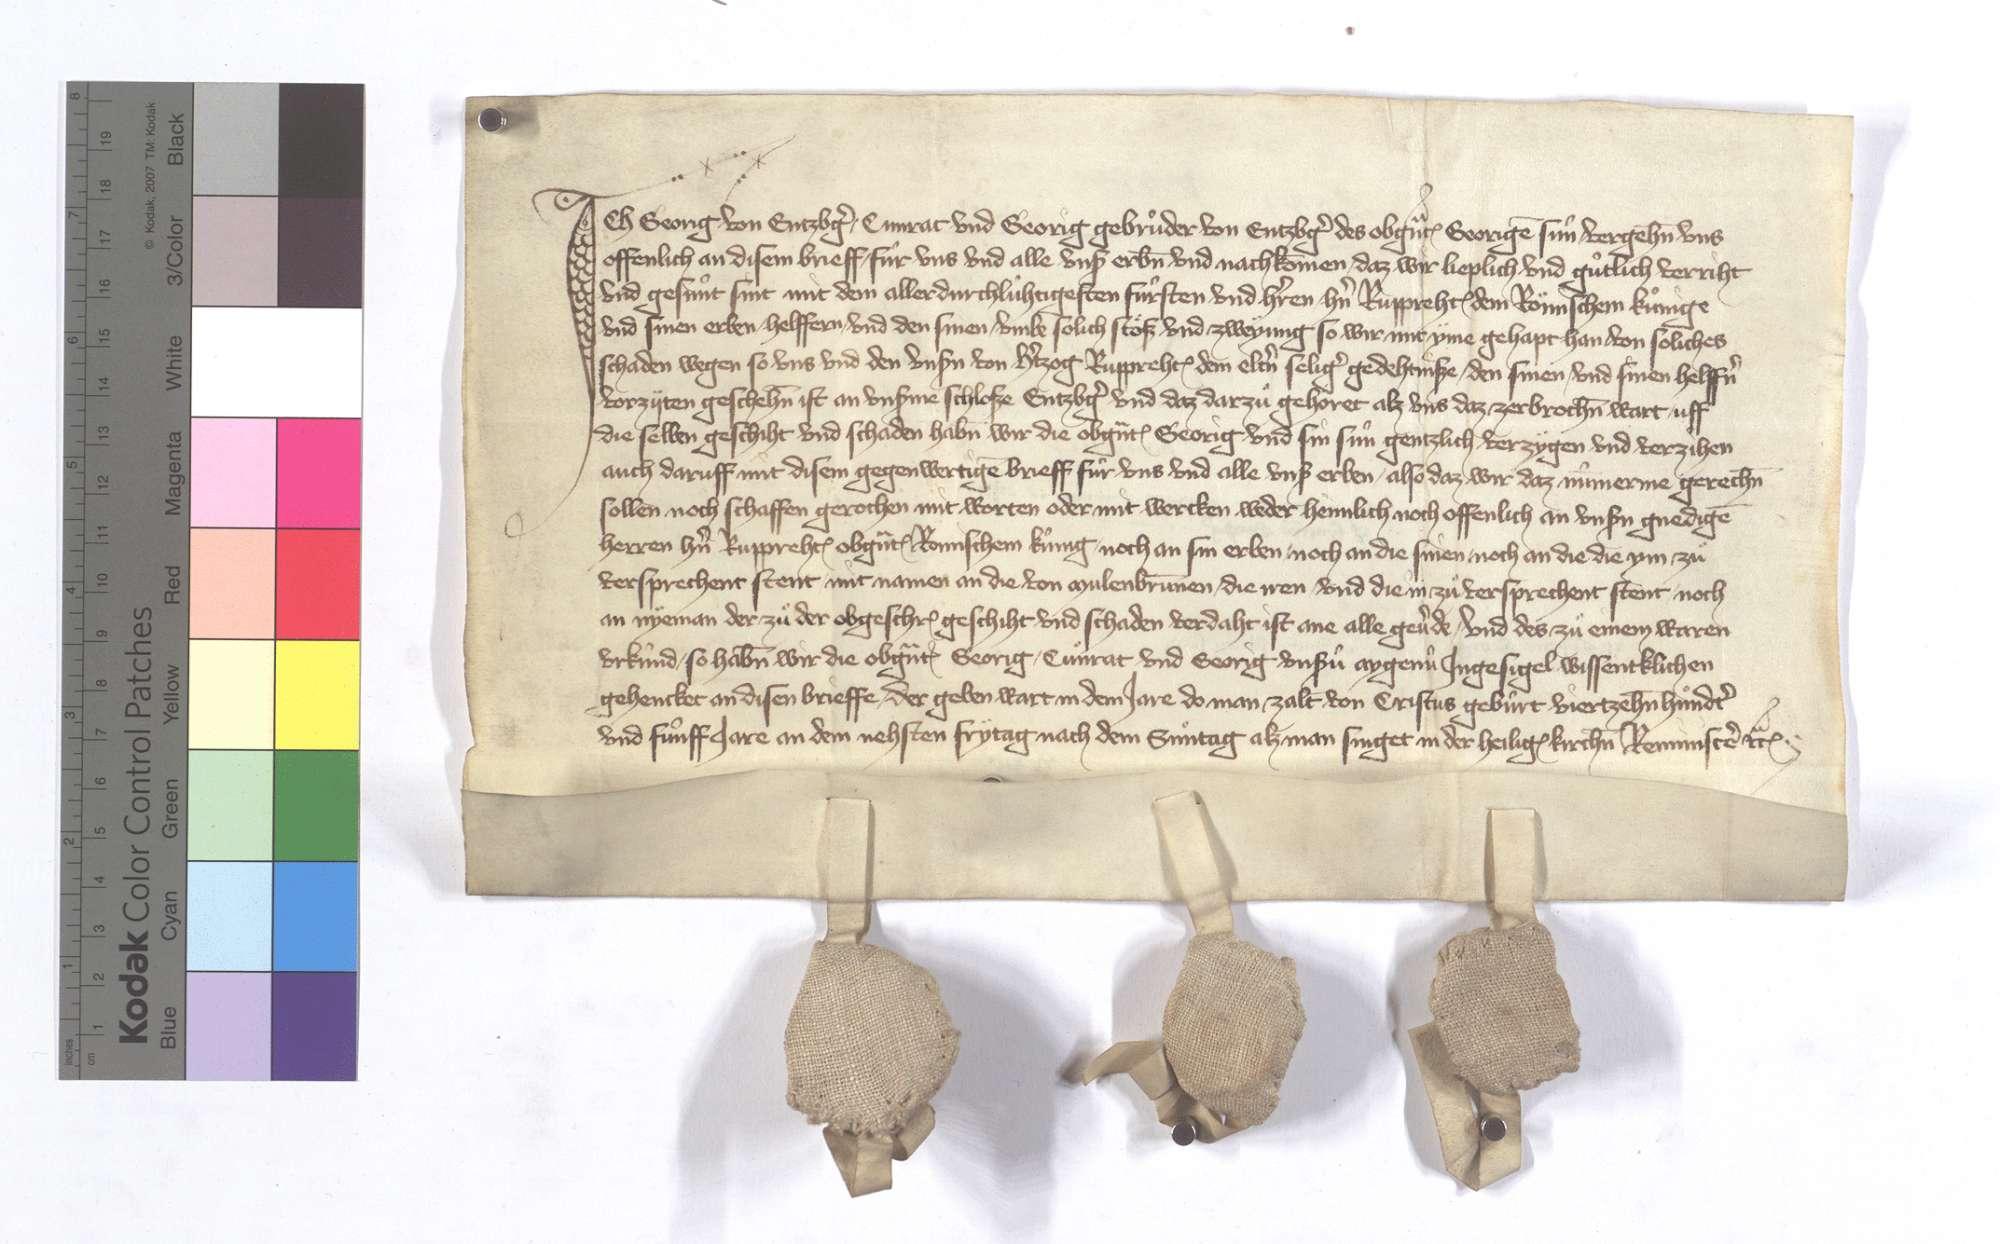 Georg von Enzberg sowie Conrad und Georg, seine Söhne, verzeihen sich gegen den Römischen König Ruprecht III. des ihnen von dessen Vater, Pfalzgraf Ruprecht II., an dem Schloss zu Enzberg zugefügten Schadens., Text